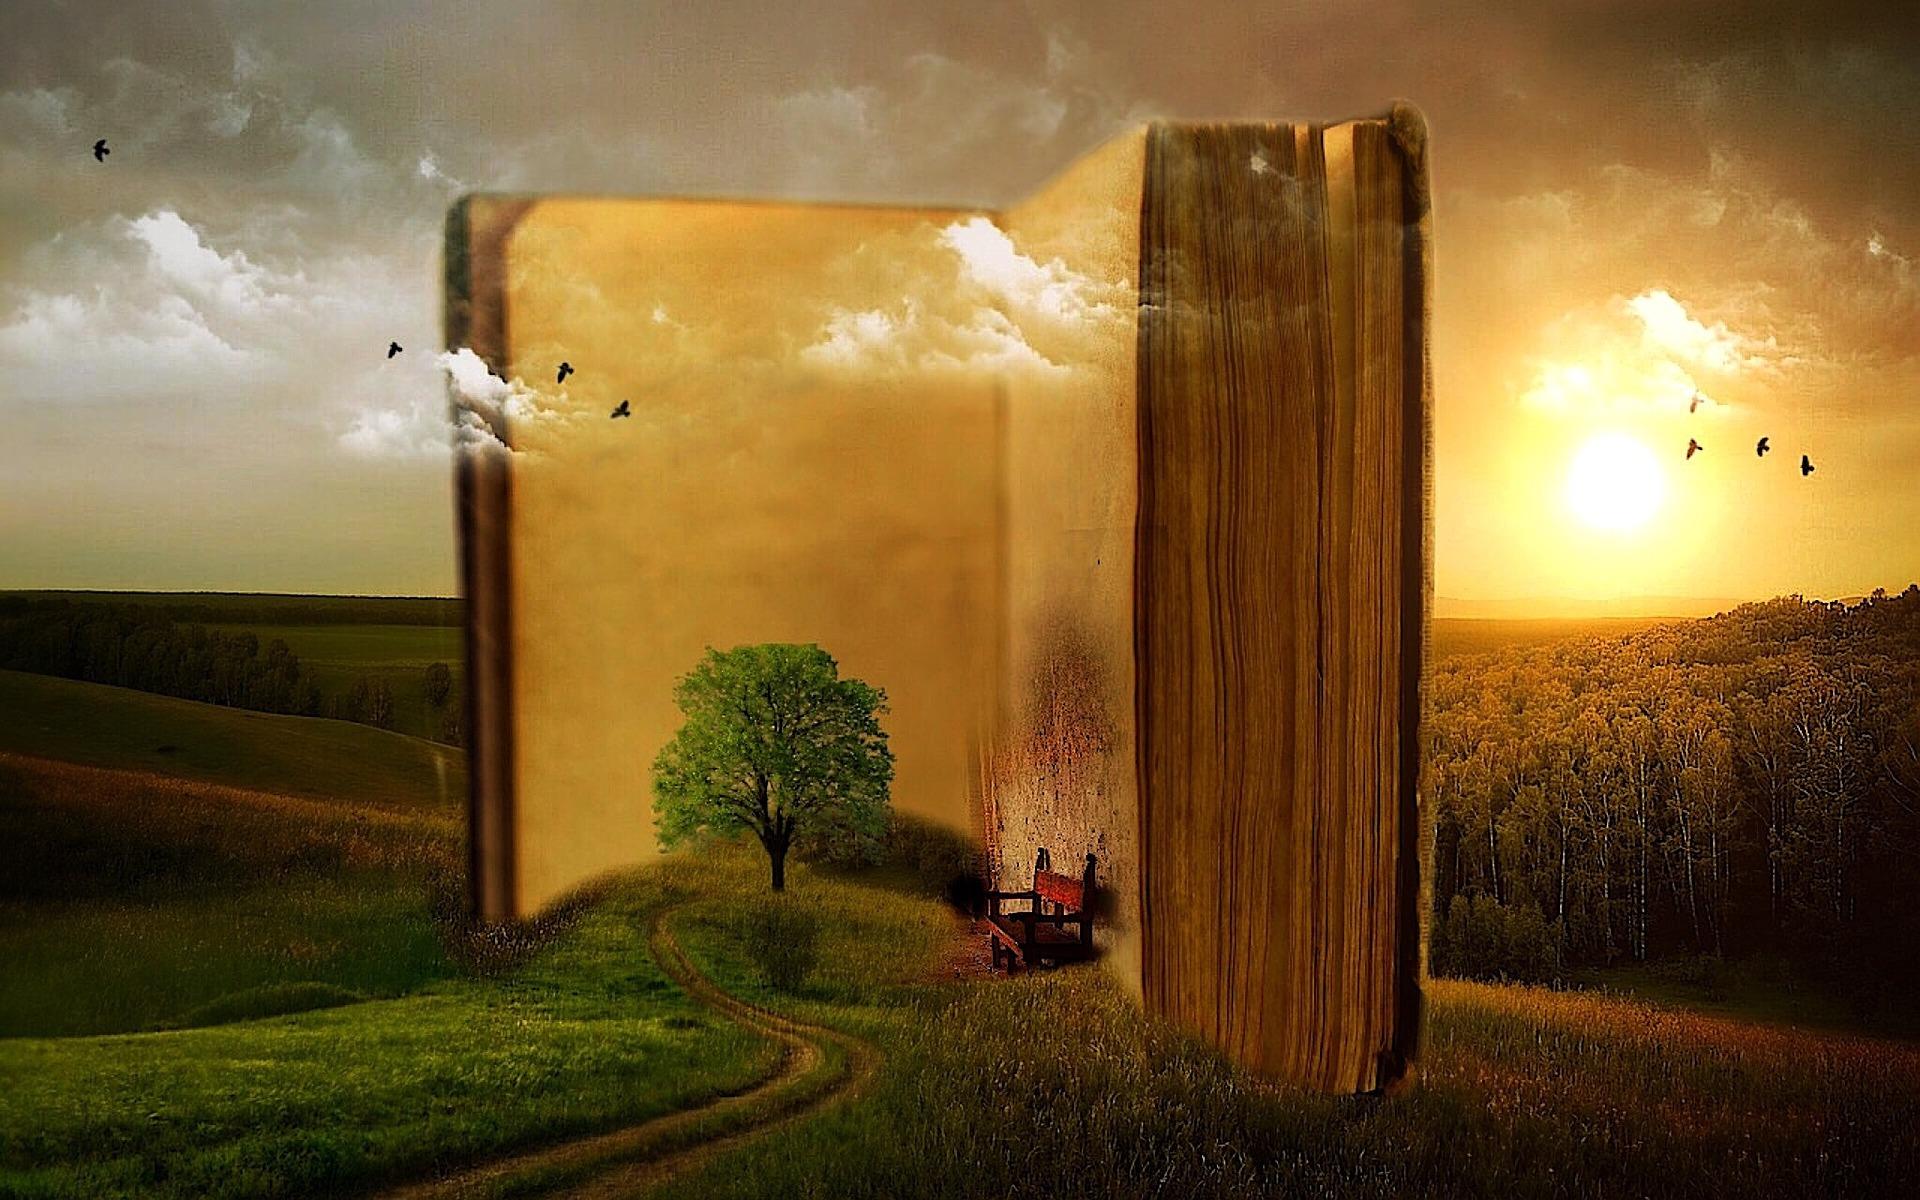 Fantasibilde der ei gigantisk stor bok står plassert midt i et naturlandskap. Dominerende farger er gult, grønt og grått. Inn mot de oppslåtte boksidene er det plassert et tre og en liten rød benk. Kollasj.